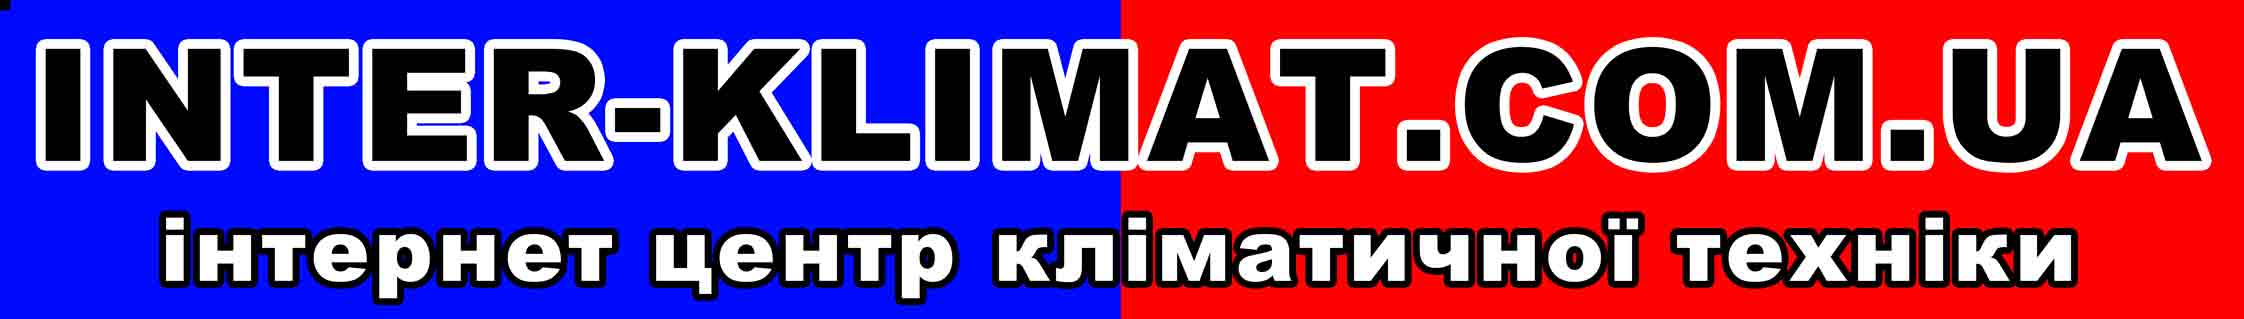 інтернет центр кліматичної техніки inter-klimat.com.ua